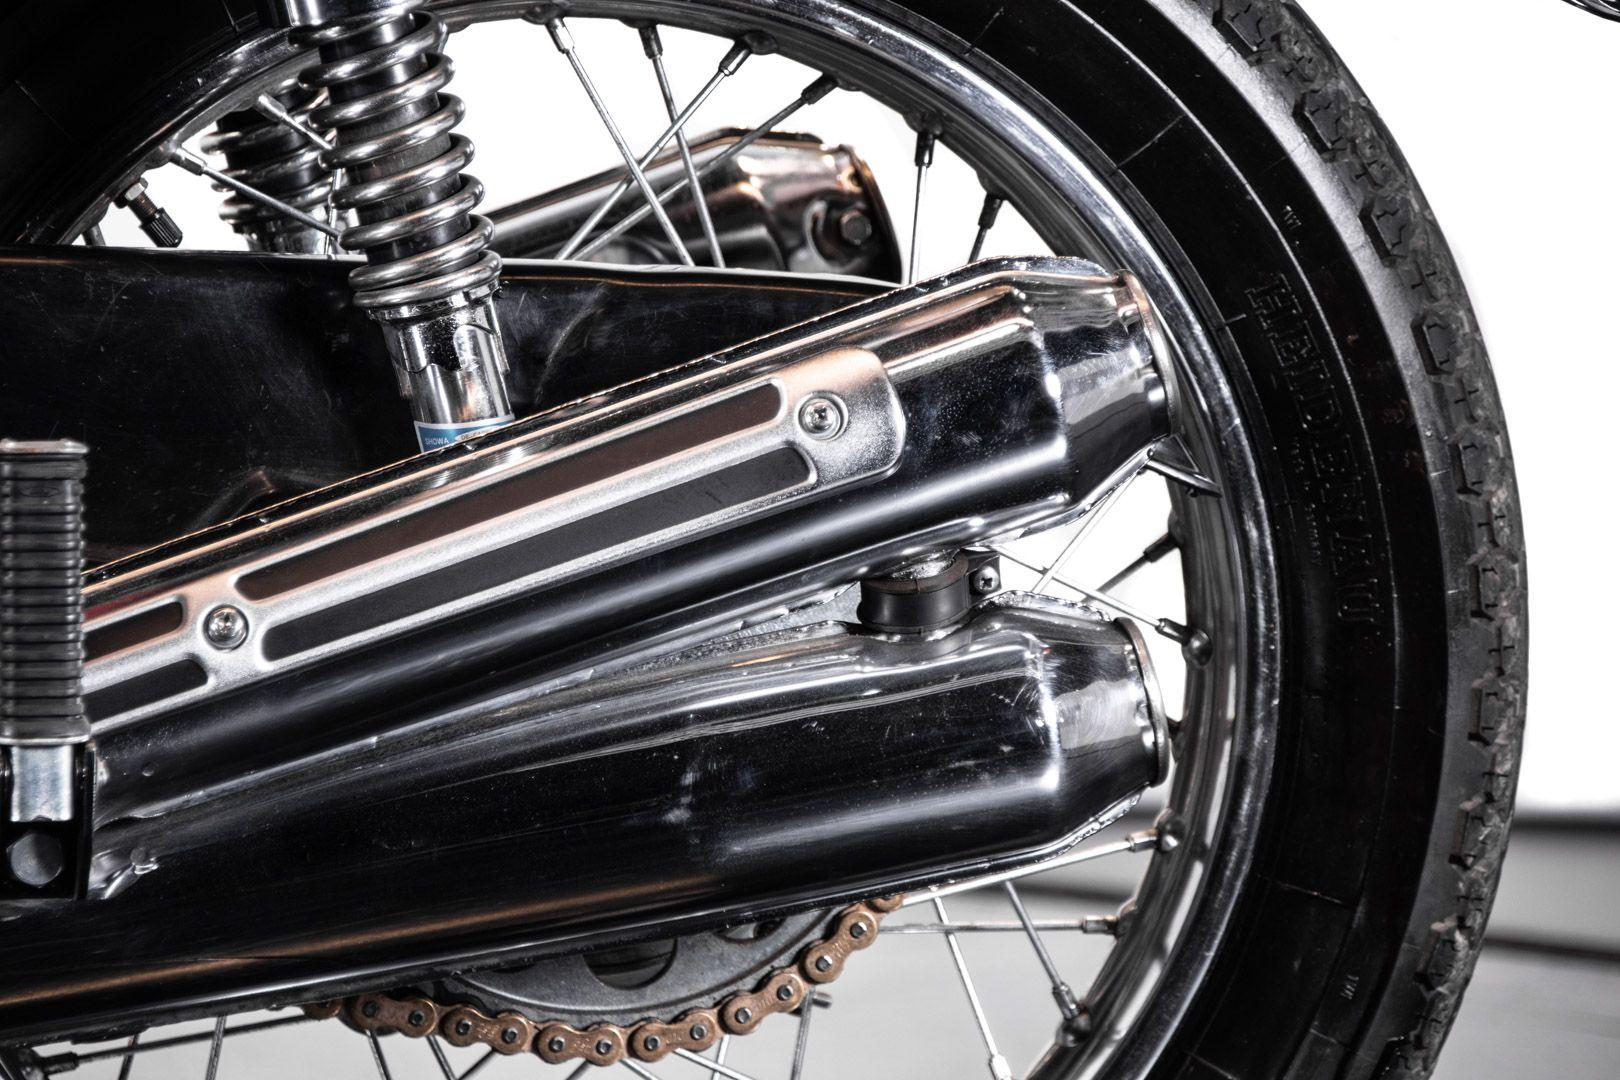 1970 Honda CB 750 Four 83968